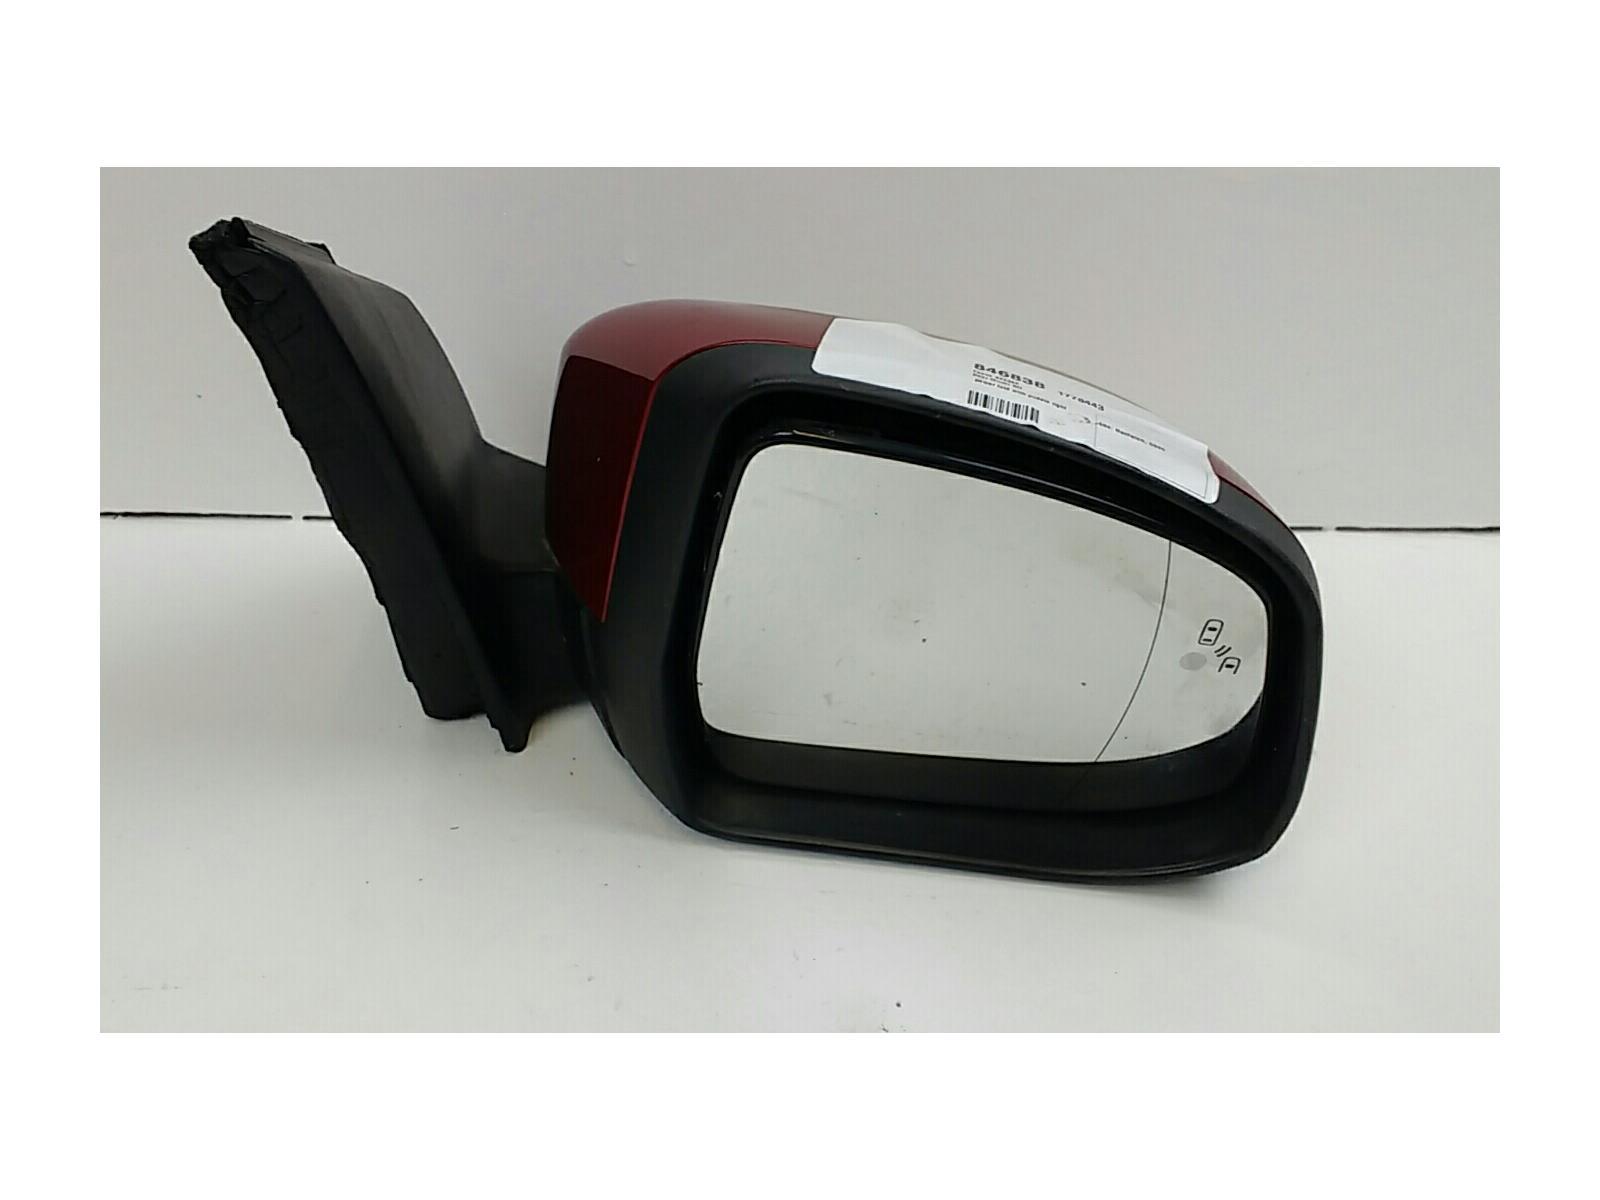 Ford Focus 2011 To 2014 Titanium X Door Mirror Rh Diesel Manual